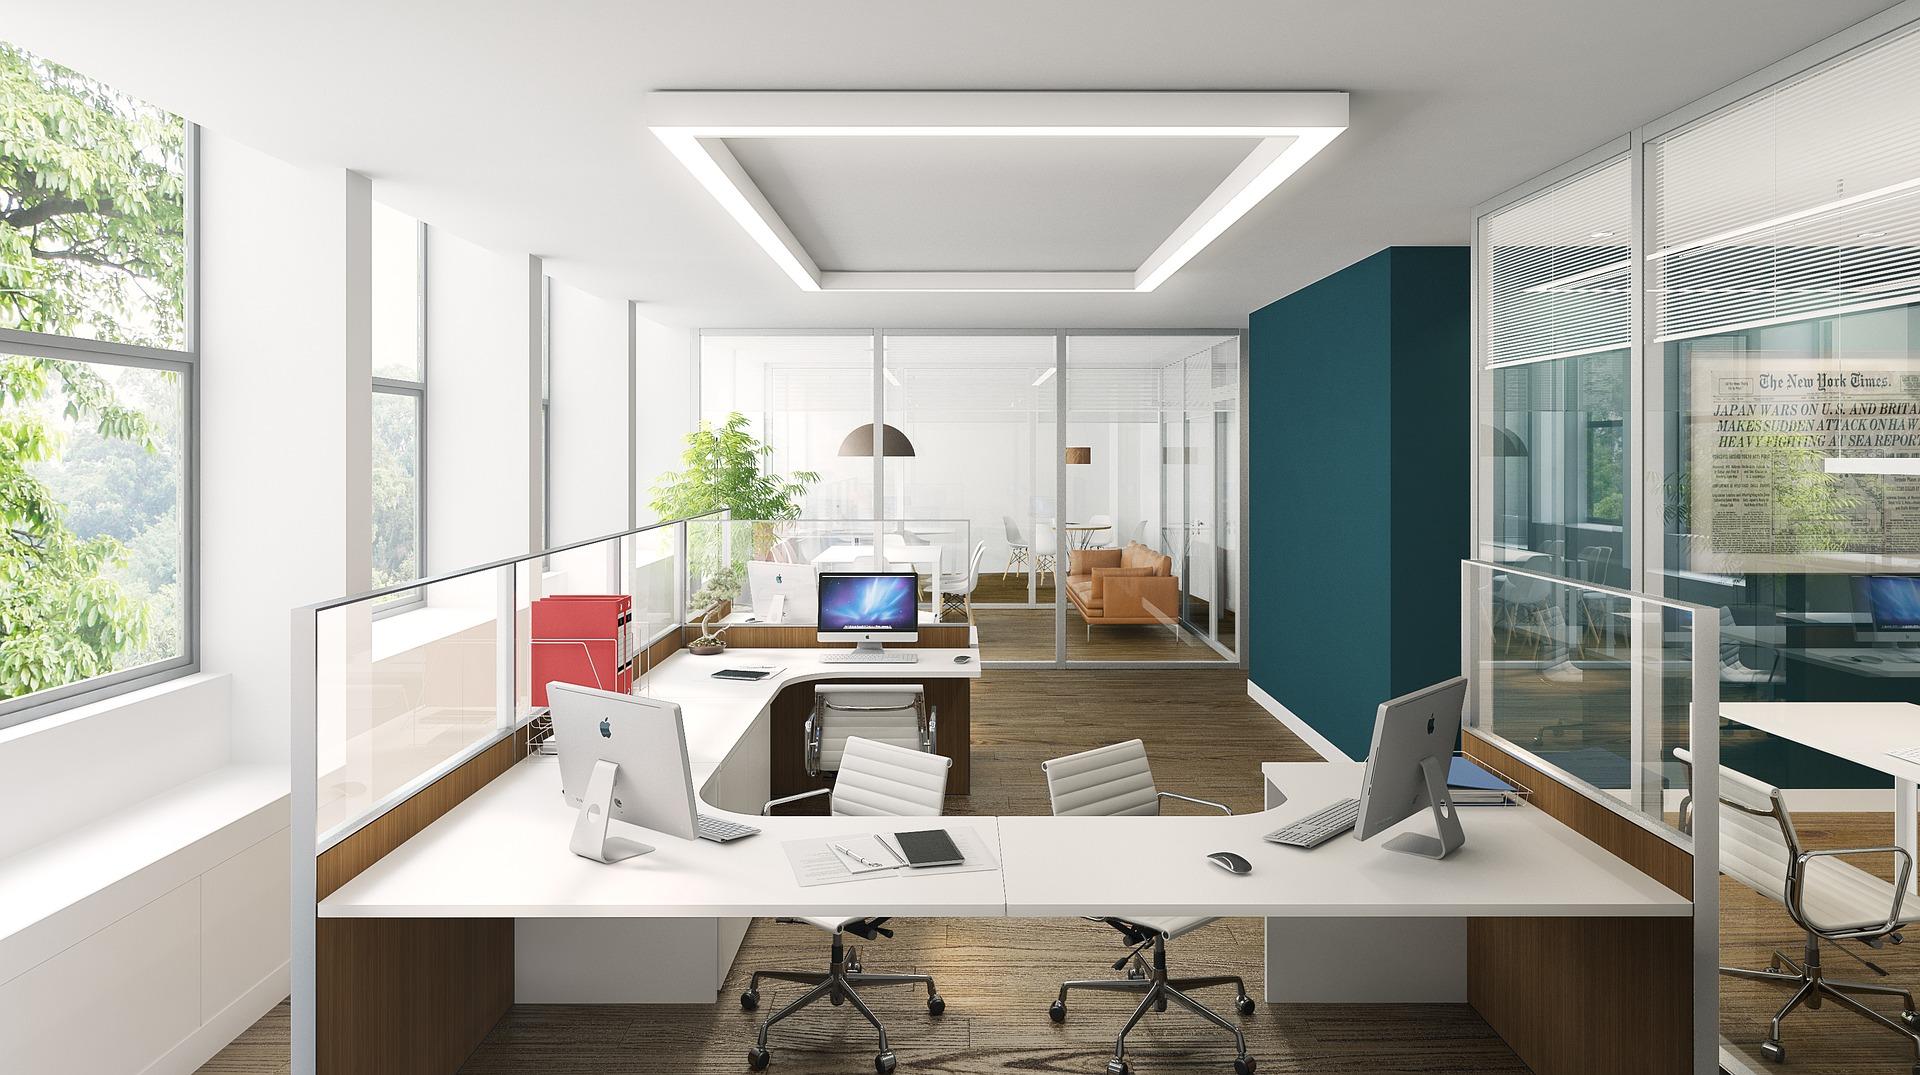 office-1966381_1920.jpg